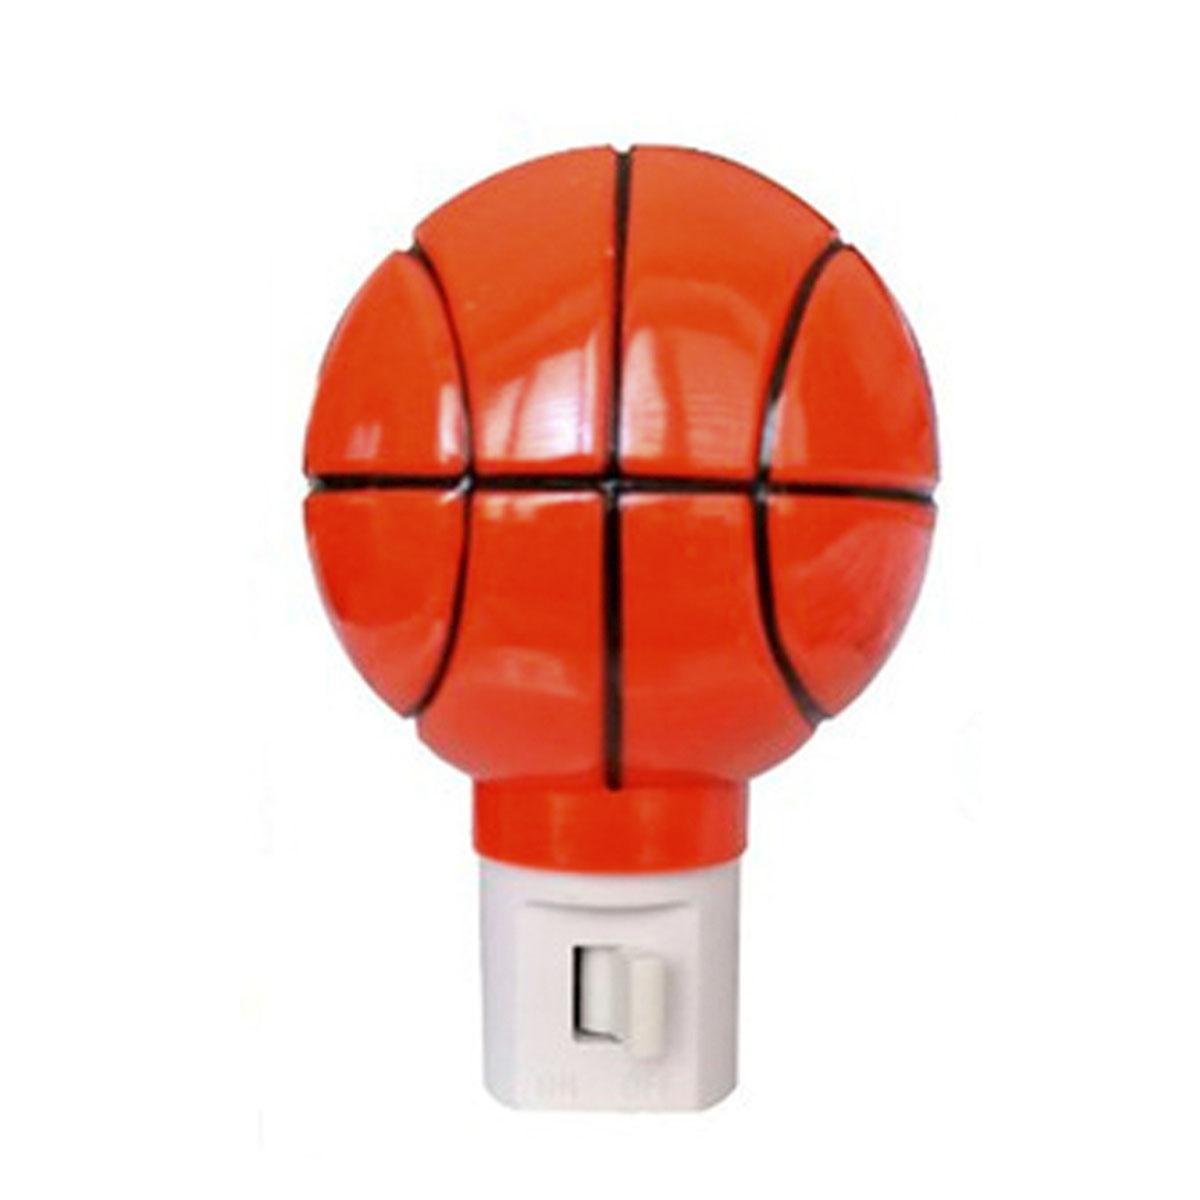 Lampara Luz De Noche Balon Pelota Basketball Niños Hogar Foy